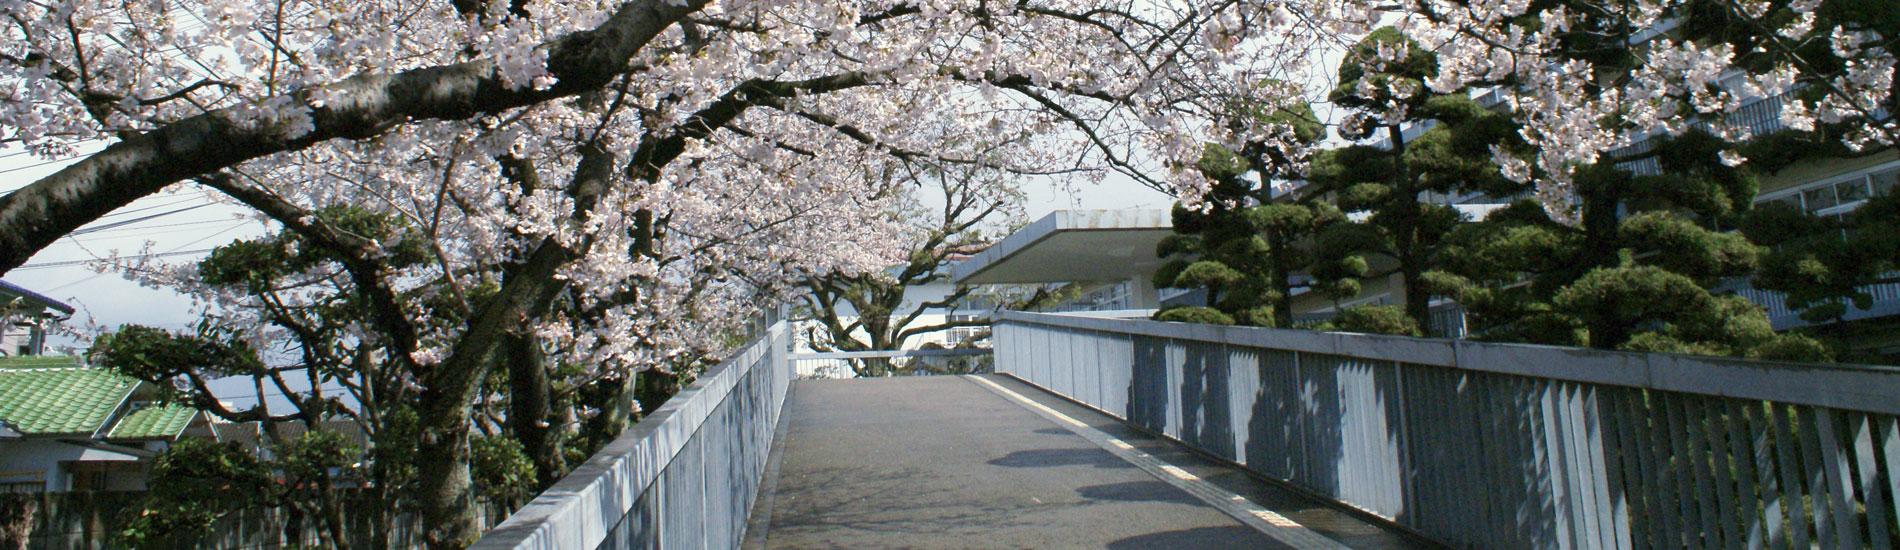 スロープ脇の桜